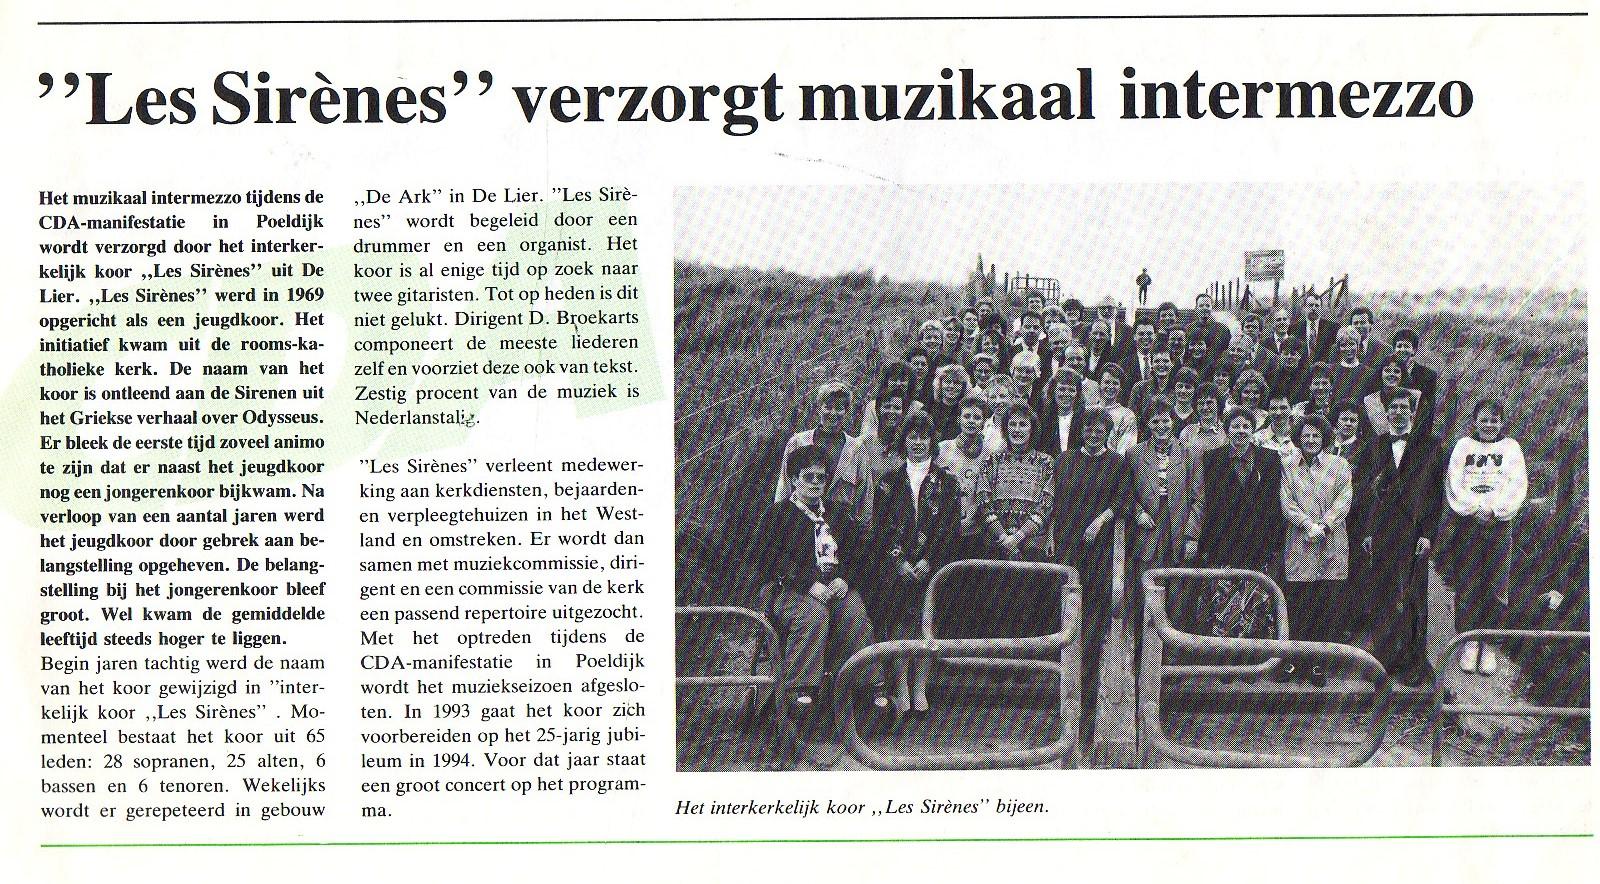 1988 Optreden CDA Manifestatie